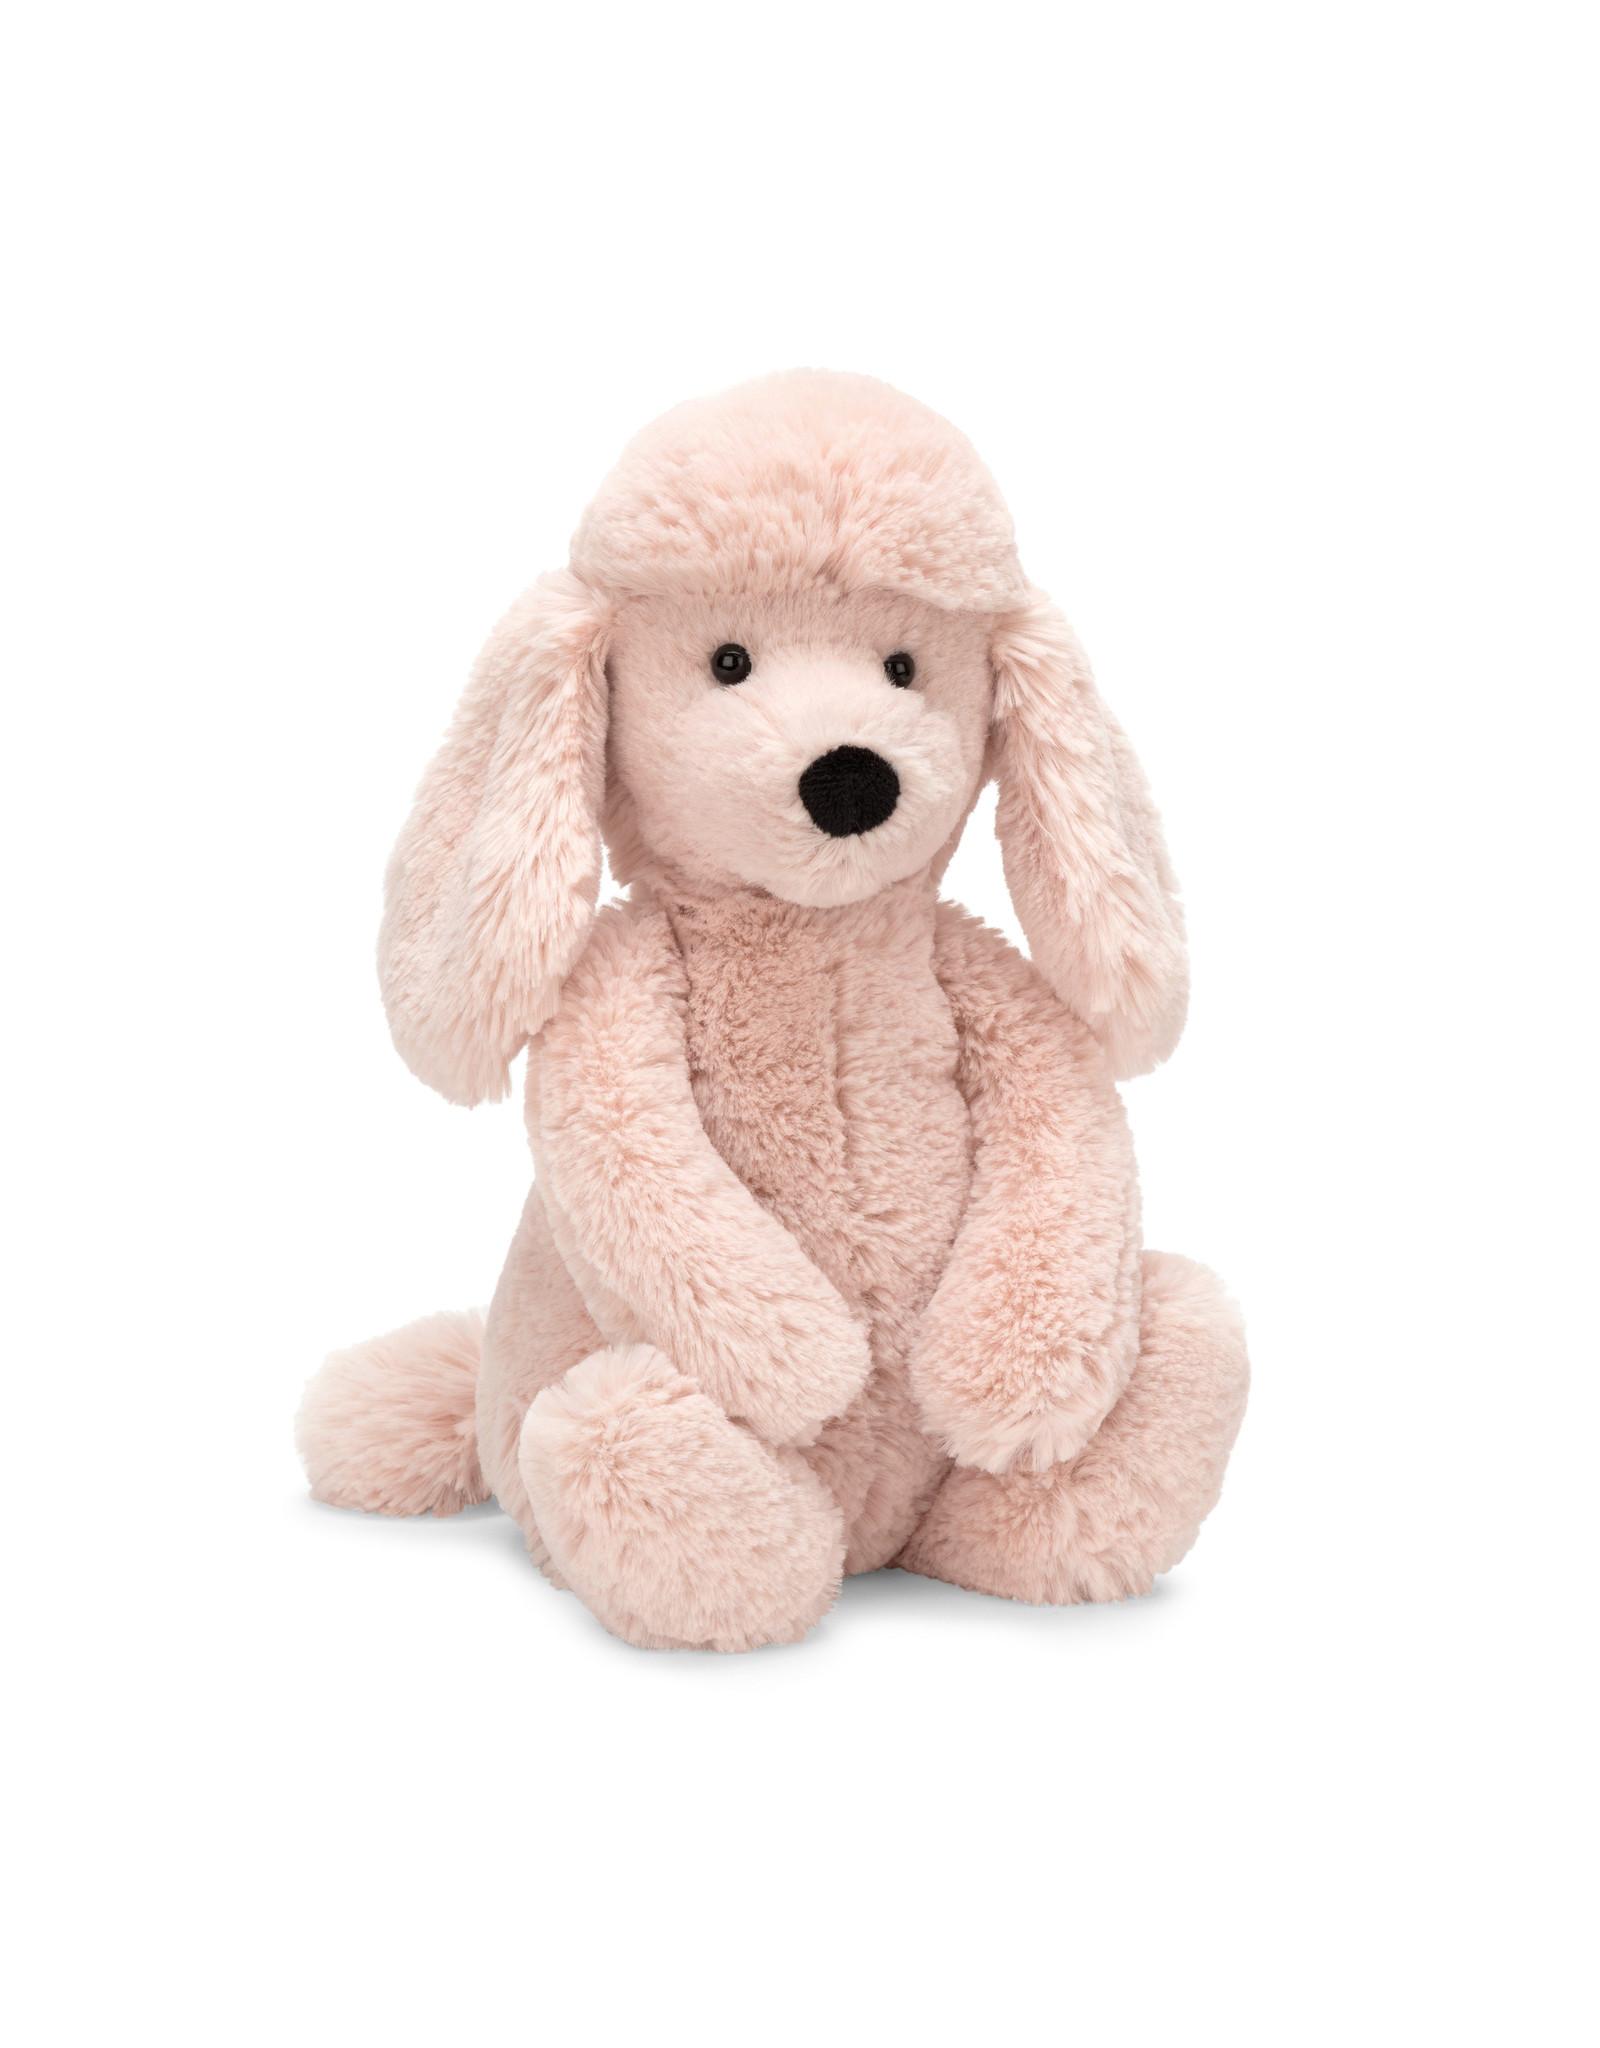 Jellycat Bashful Pink Poodle